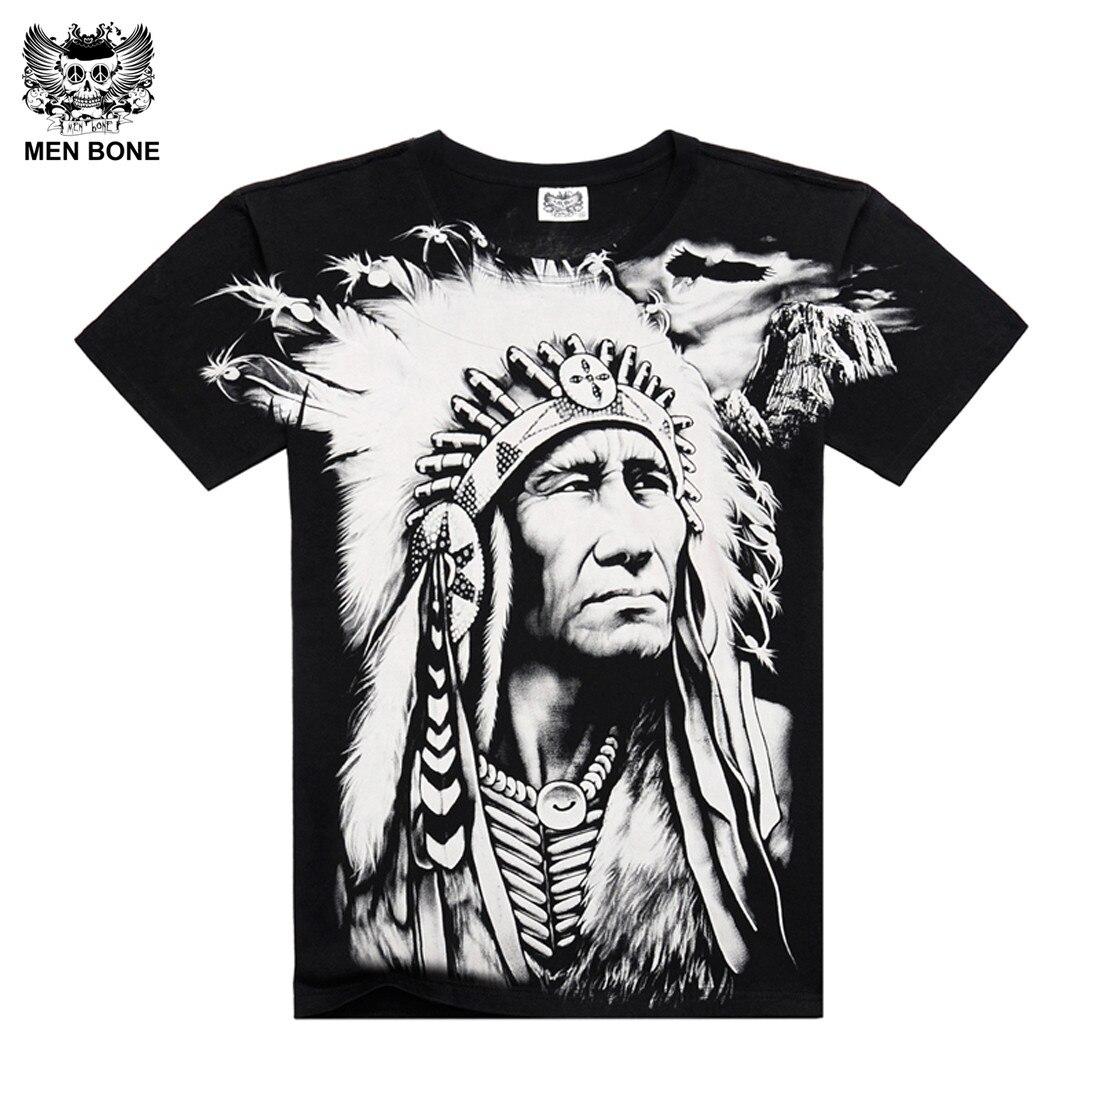 [Hommes os] mode chef Indien Plein printting t-shirt chemise Fraîche de coton Plus La taille marque t shirt pour Menrock livraison gratuite